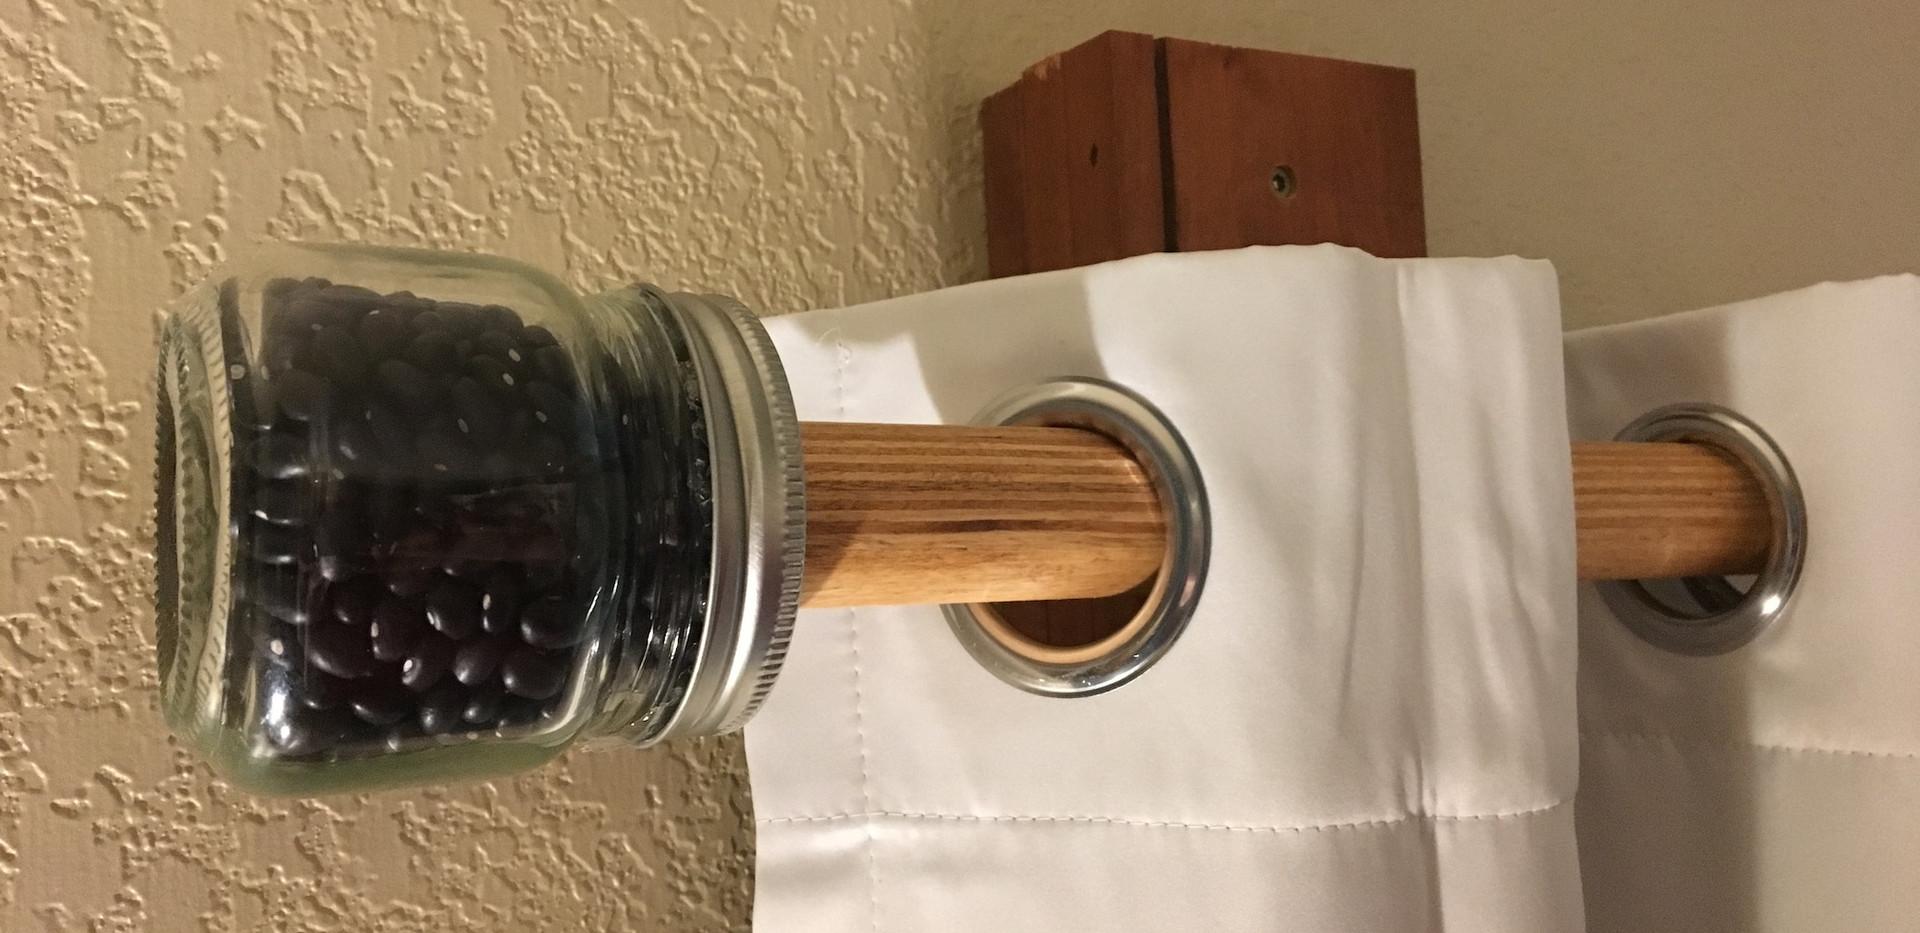 Black bean finial